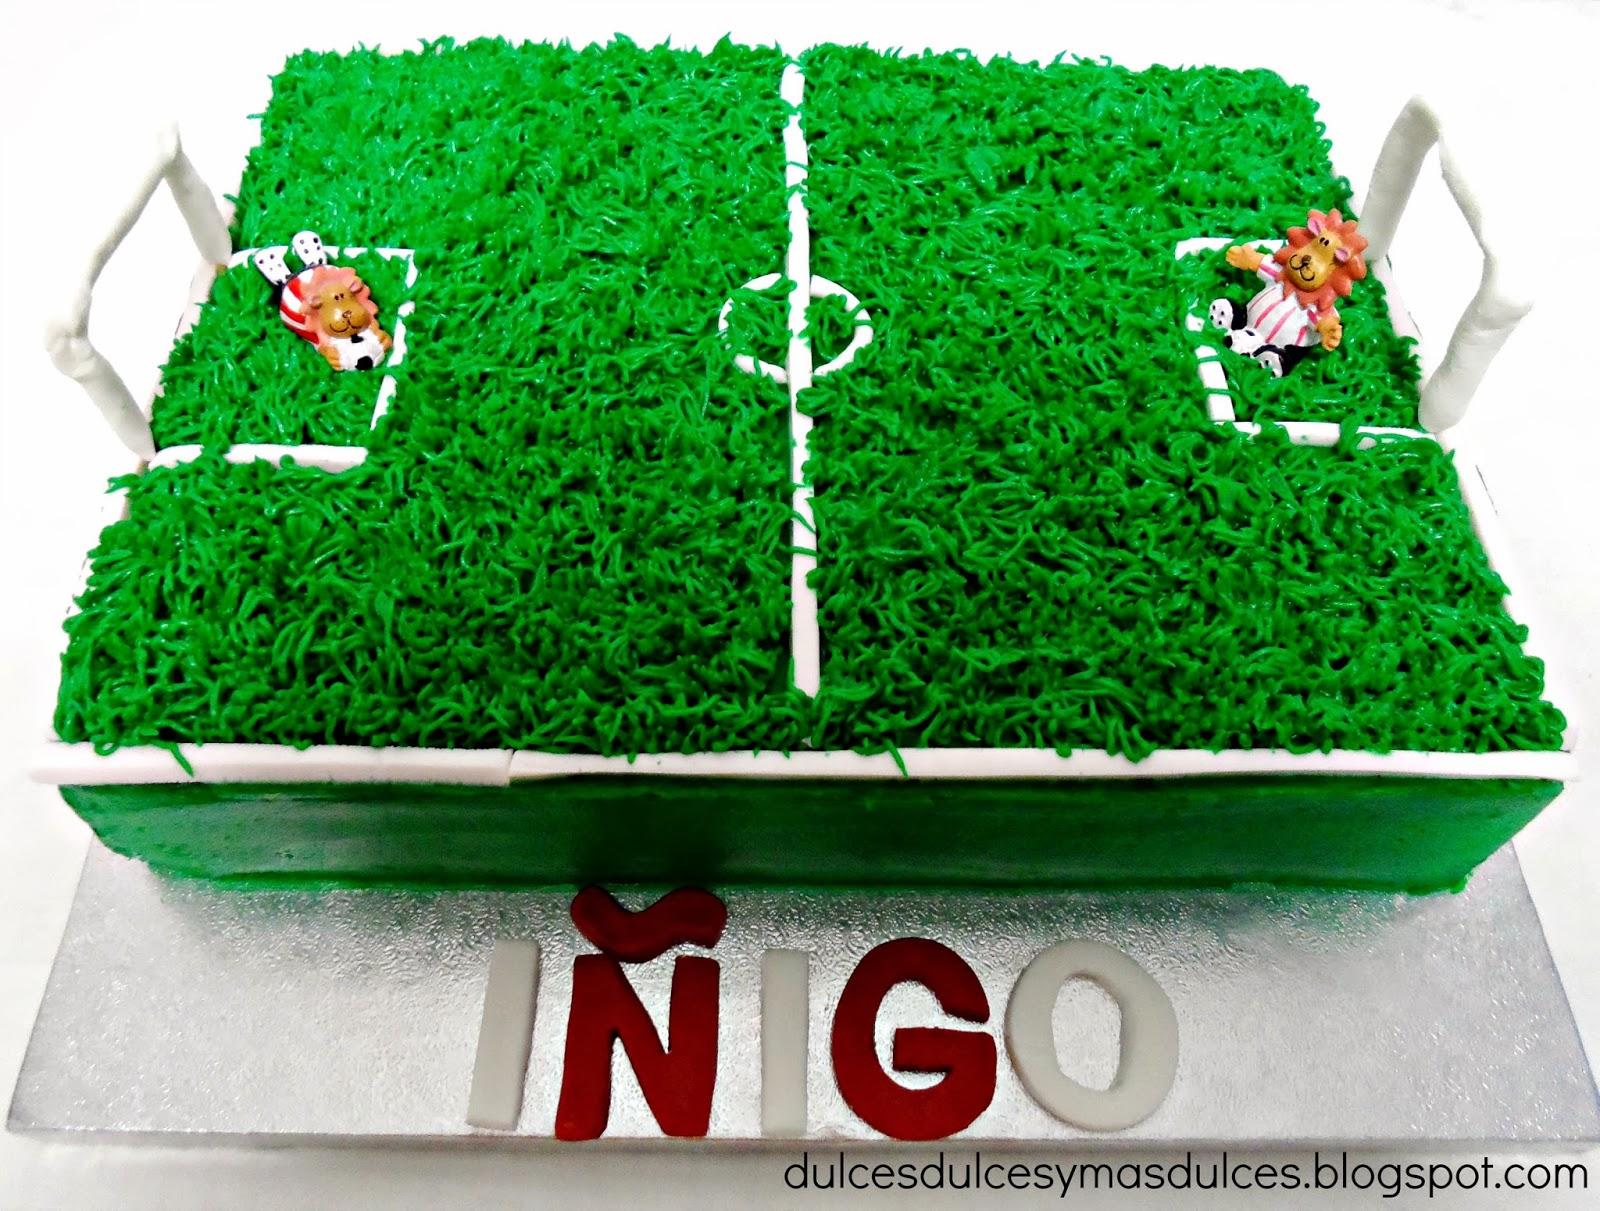 Ver Imagenes de feliz cumpleanos futbol Comparte  - Imagenes De Feliz Cumpleaños Futbol